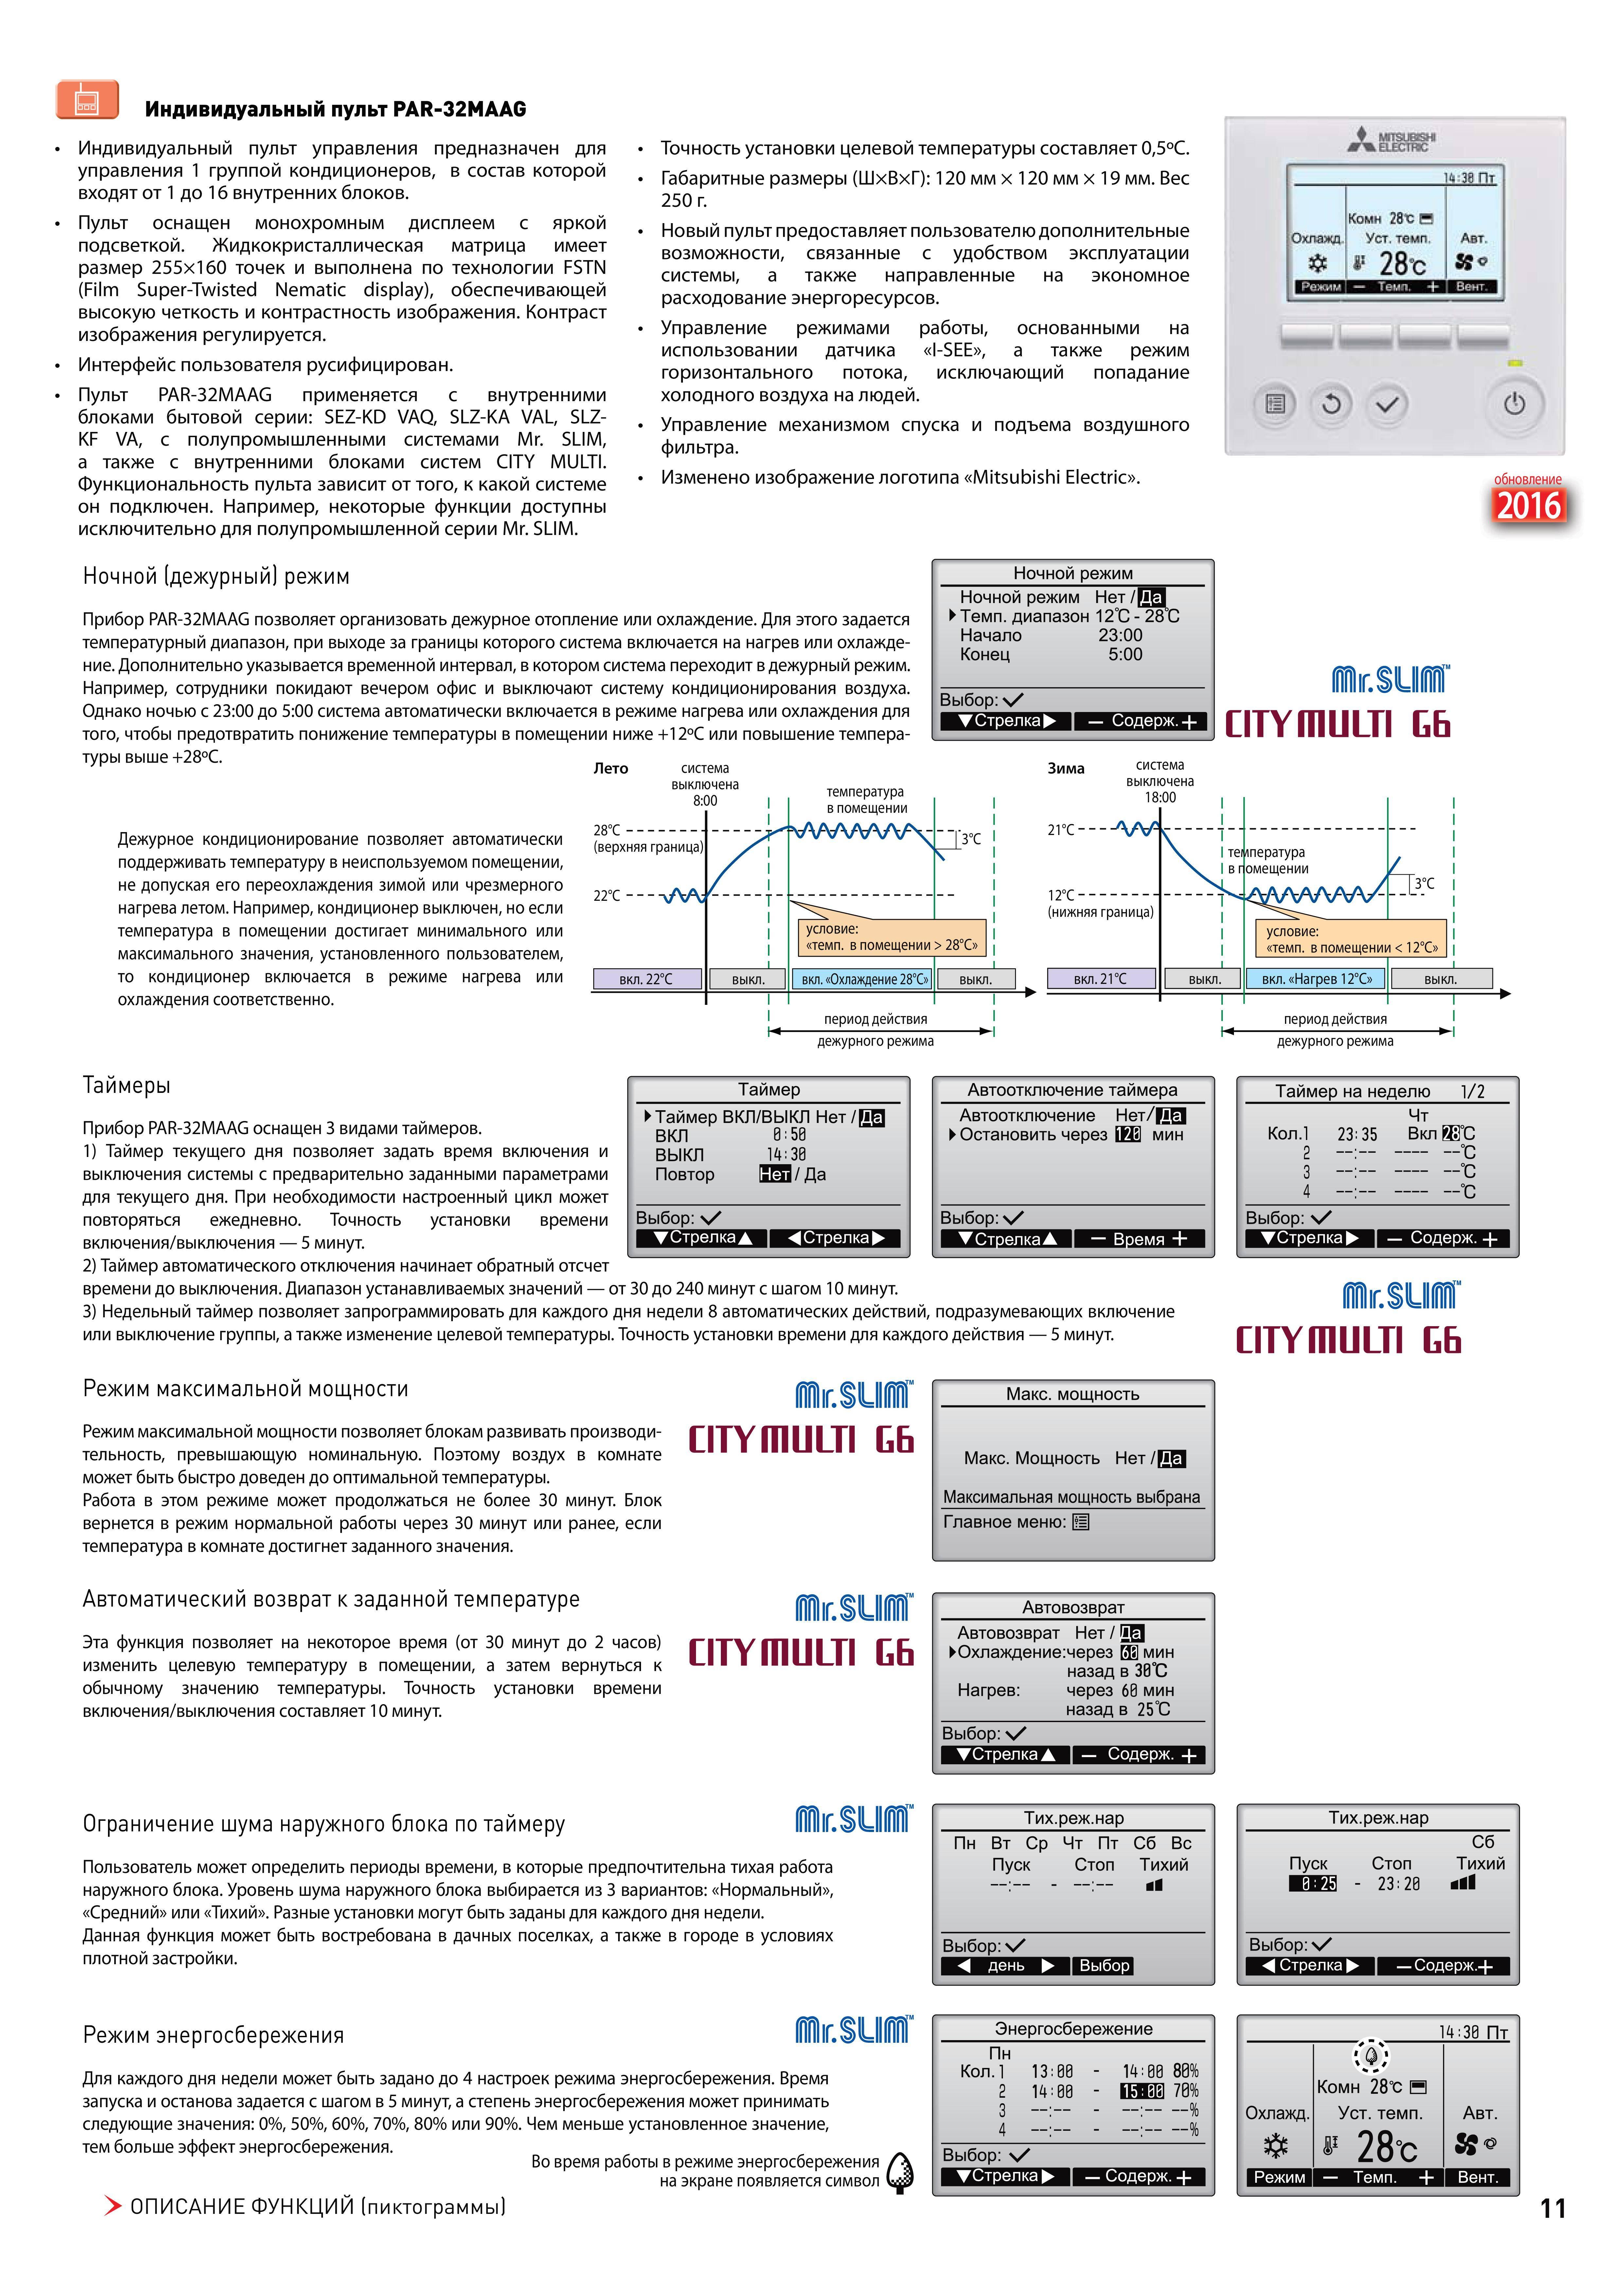 Кондиционеры mitsubishi, особенности ремонта и отзывы потребителей